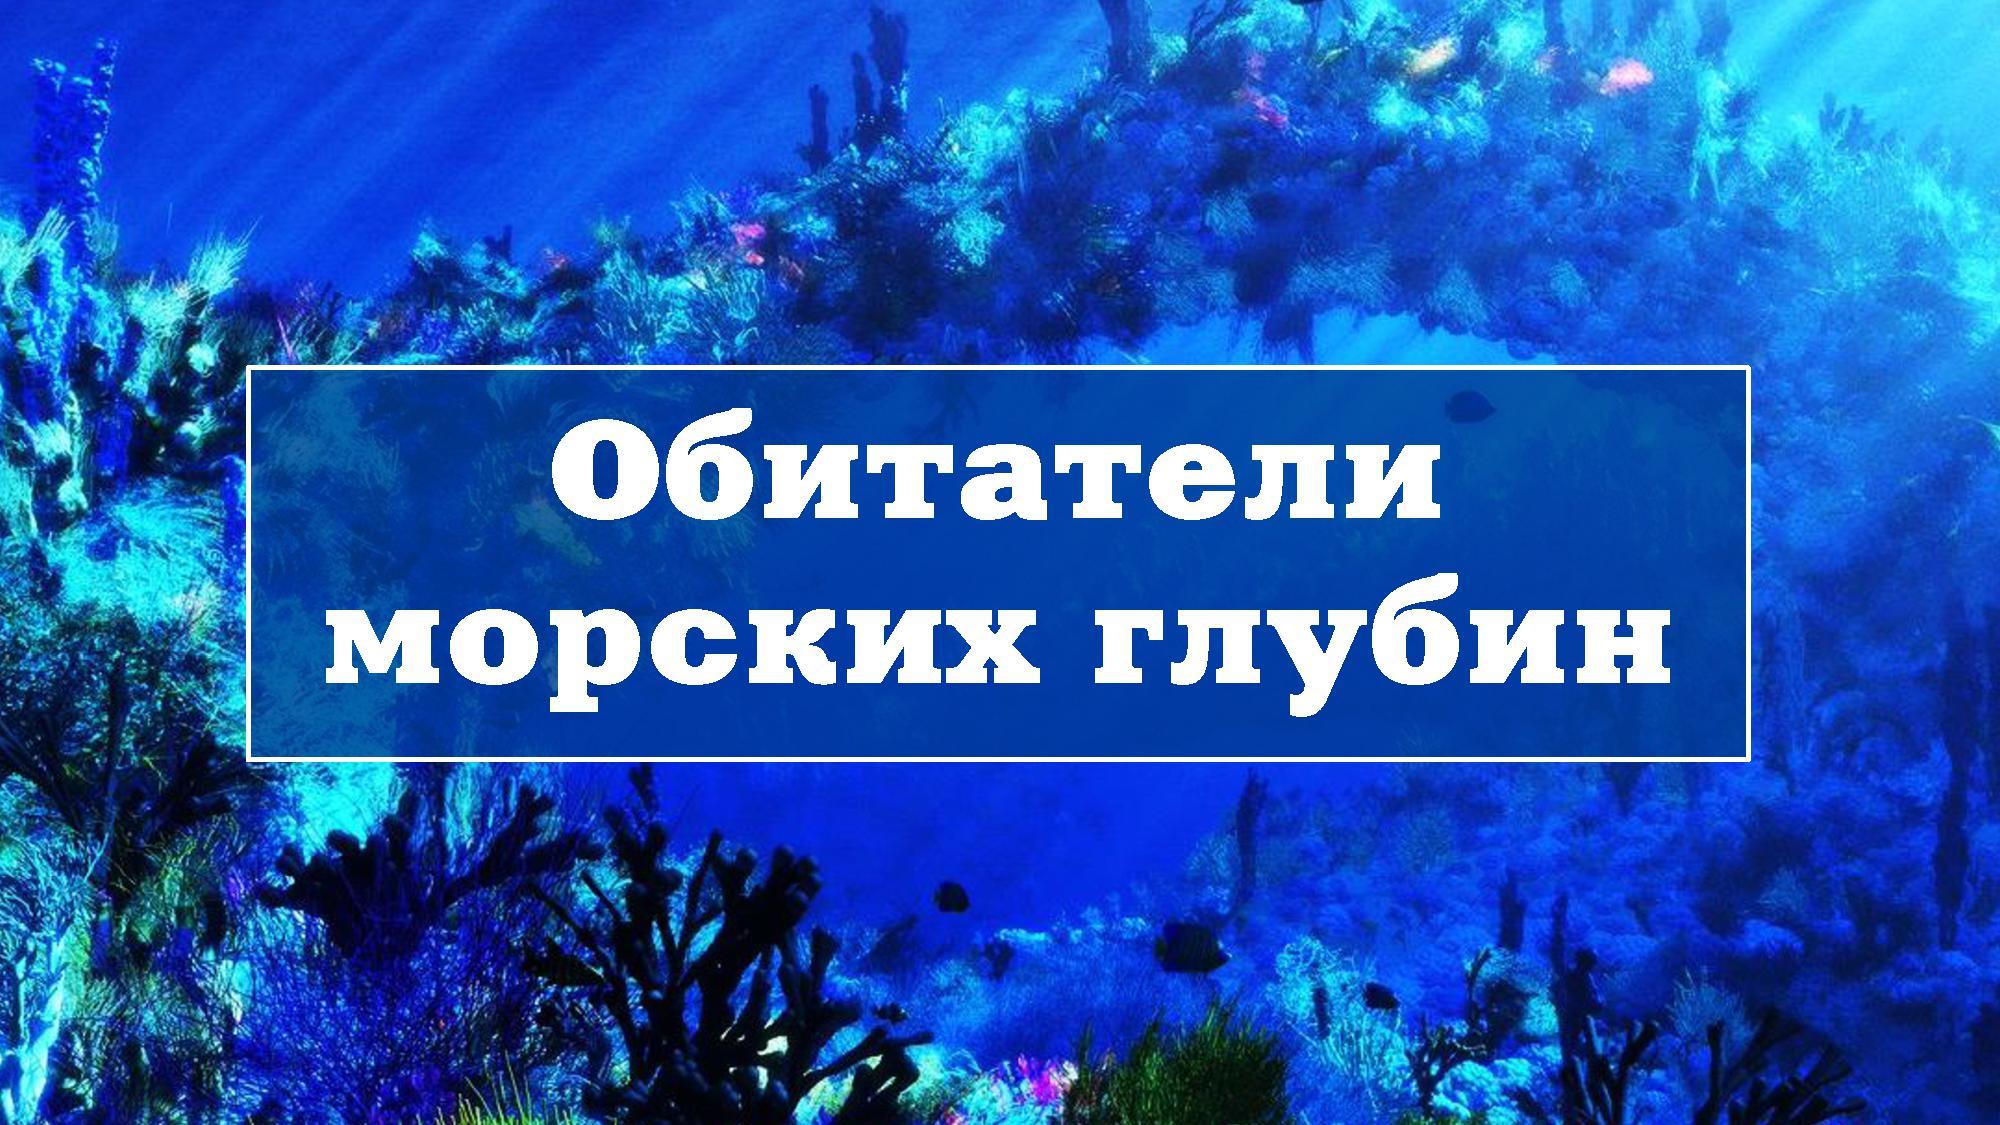 Обитатели морских глубин